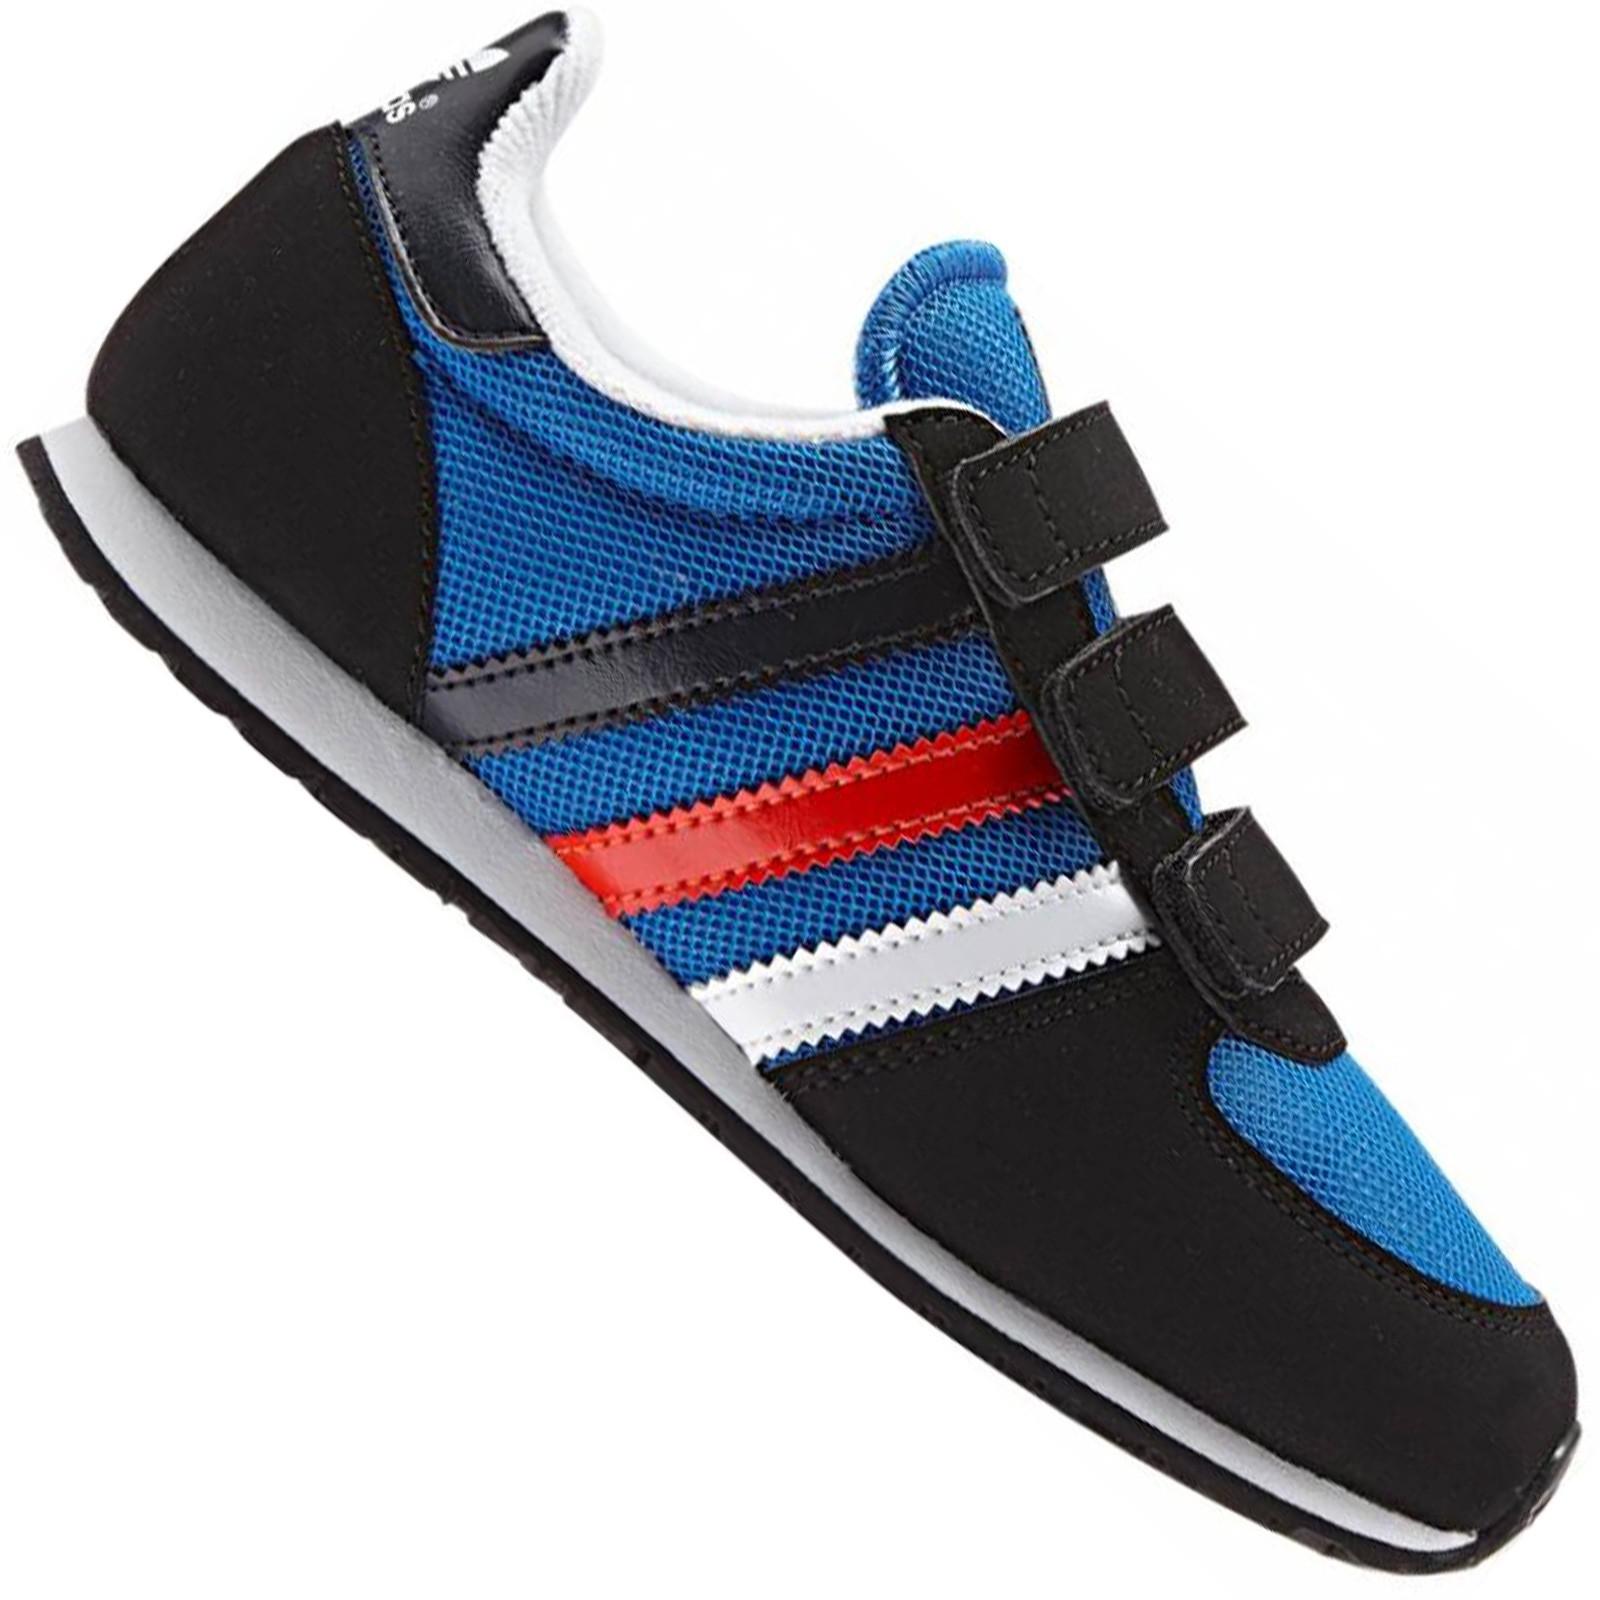 adidas Adistar Racer Schuhe blau grau weiß